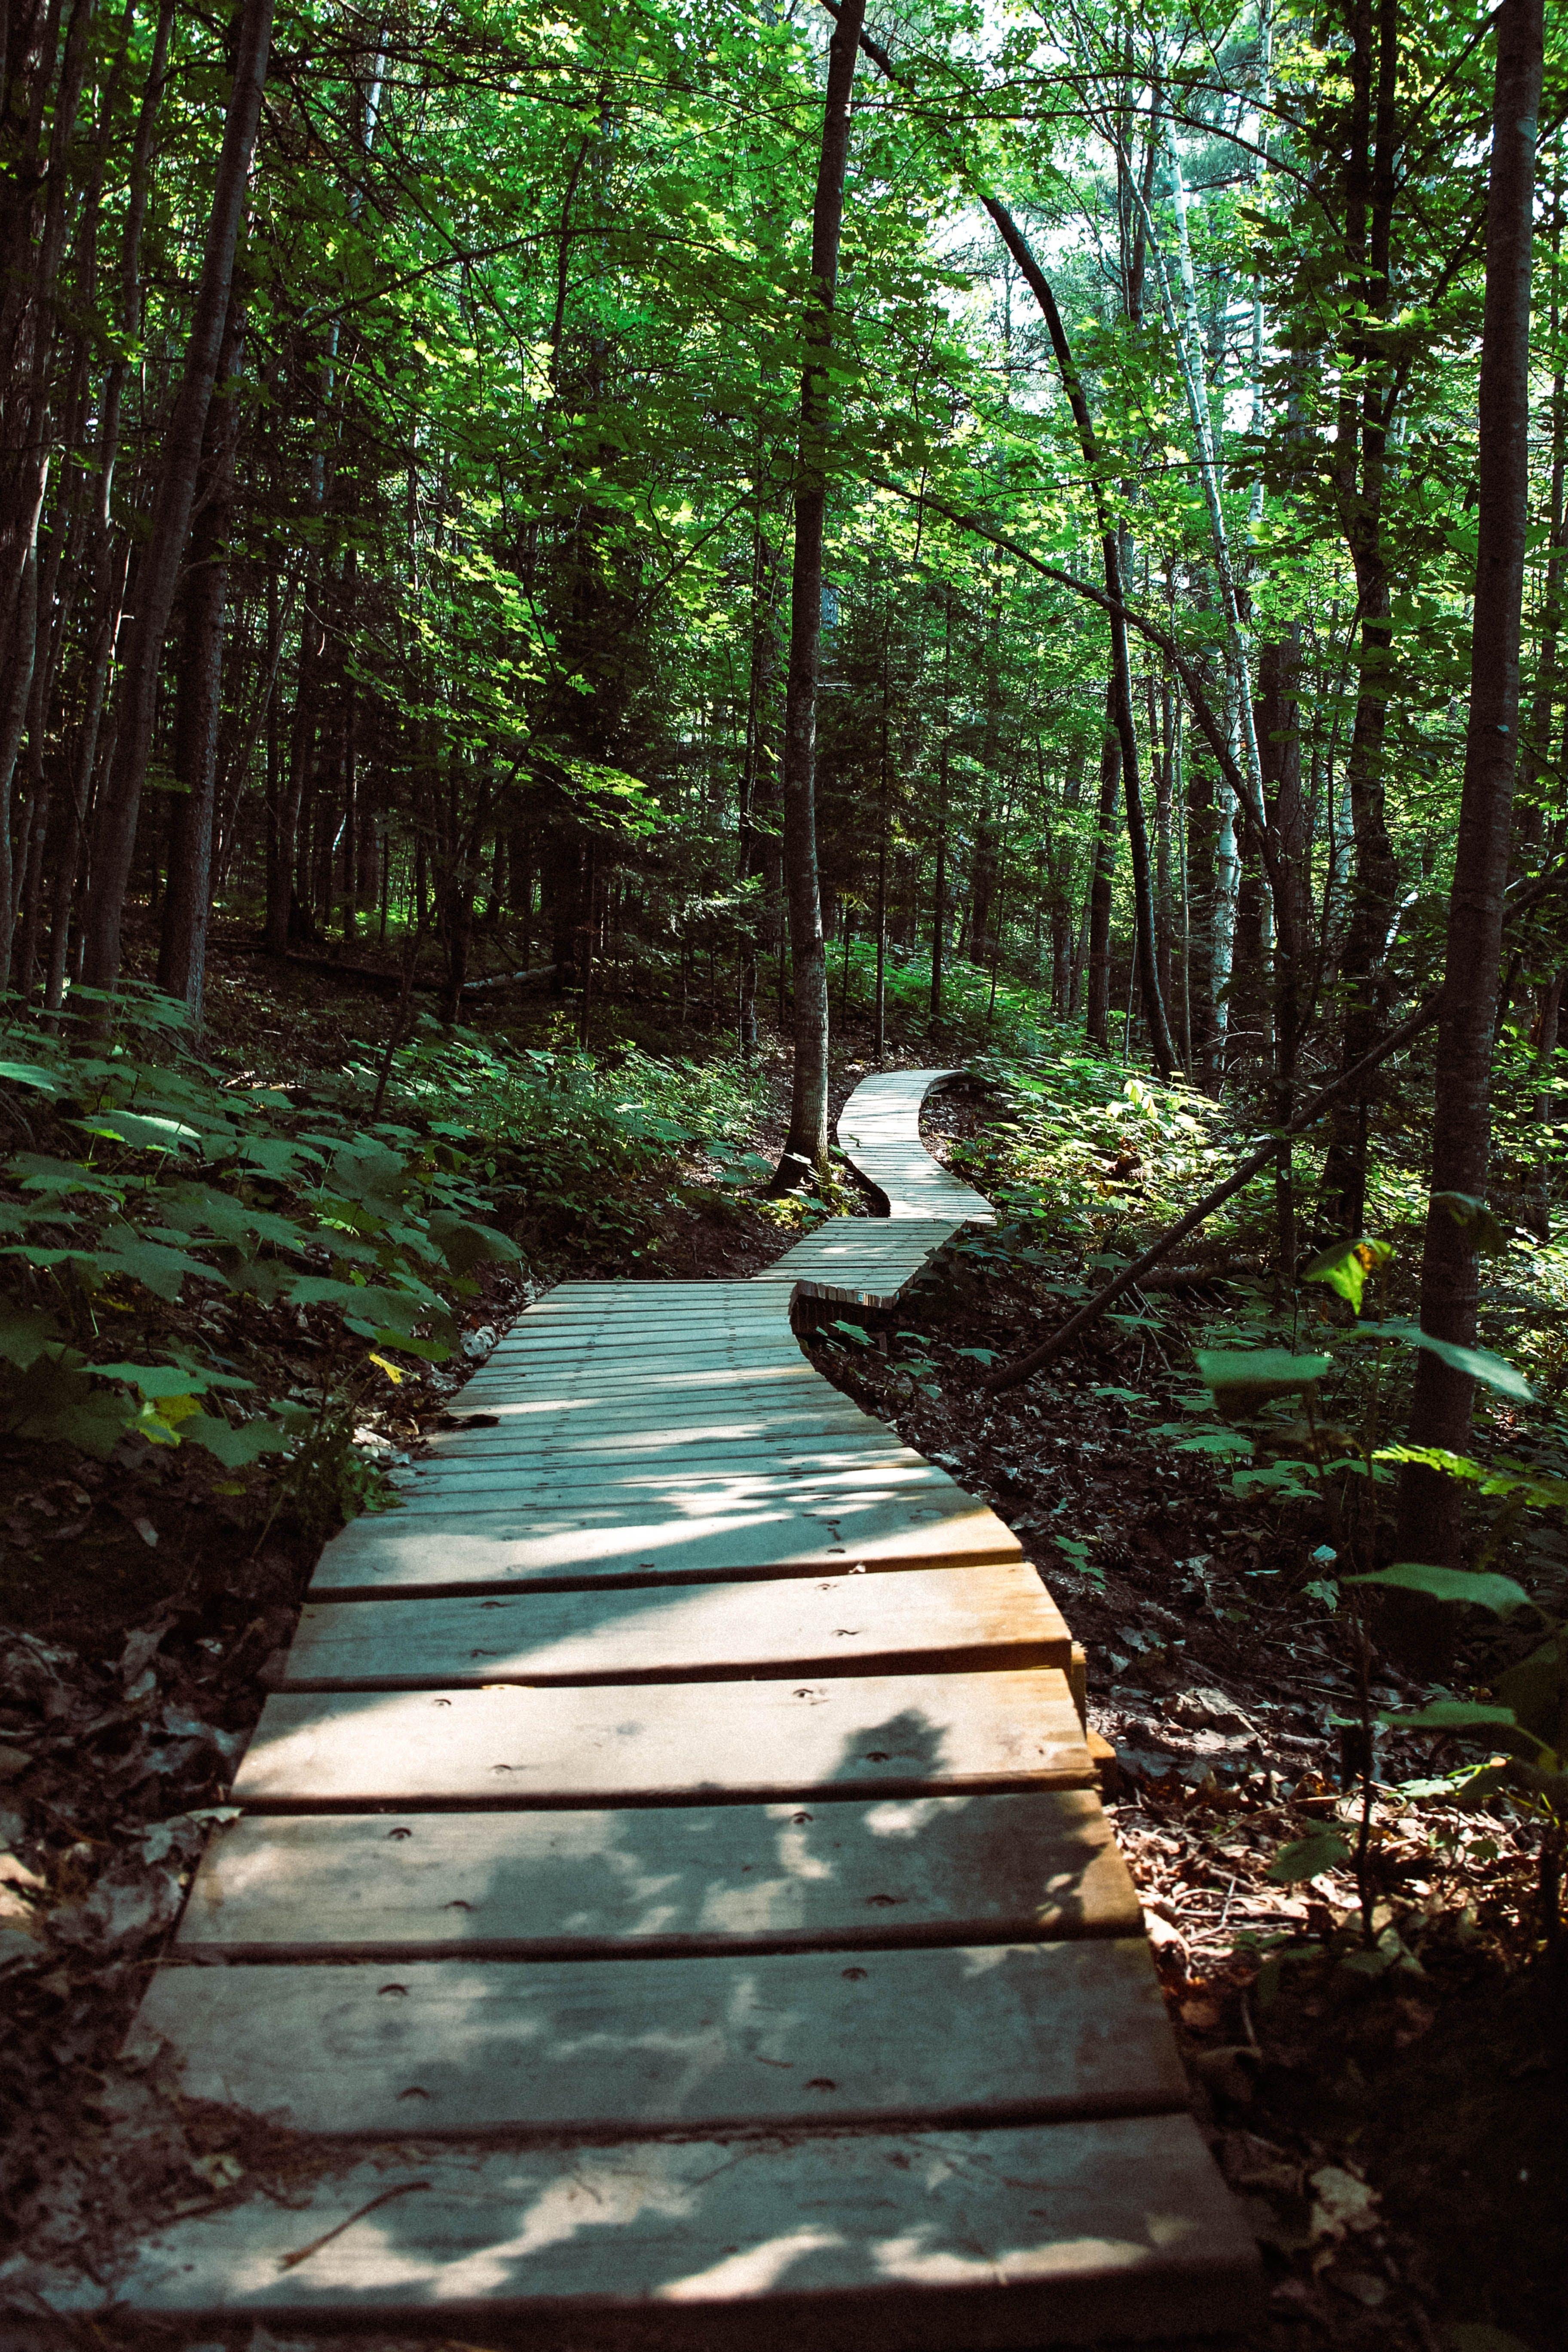 Slatted Wood Pathway Between Trees